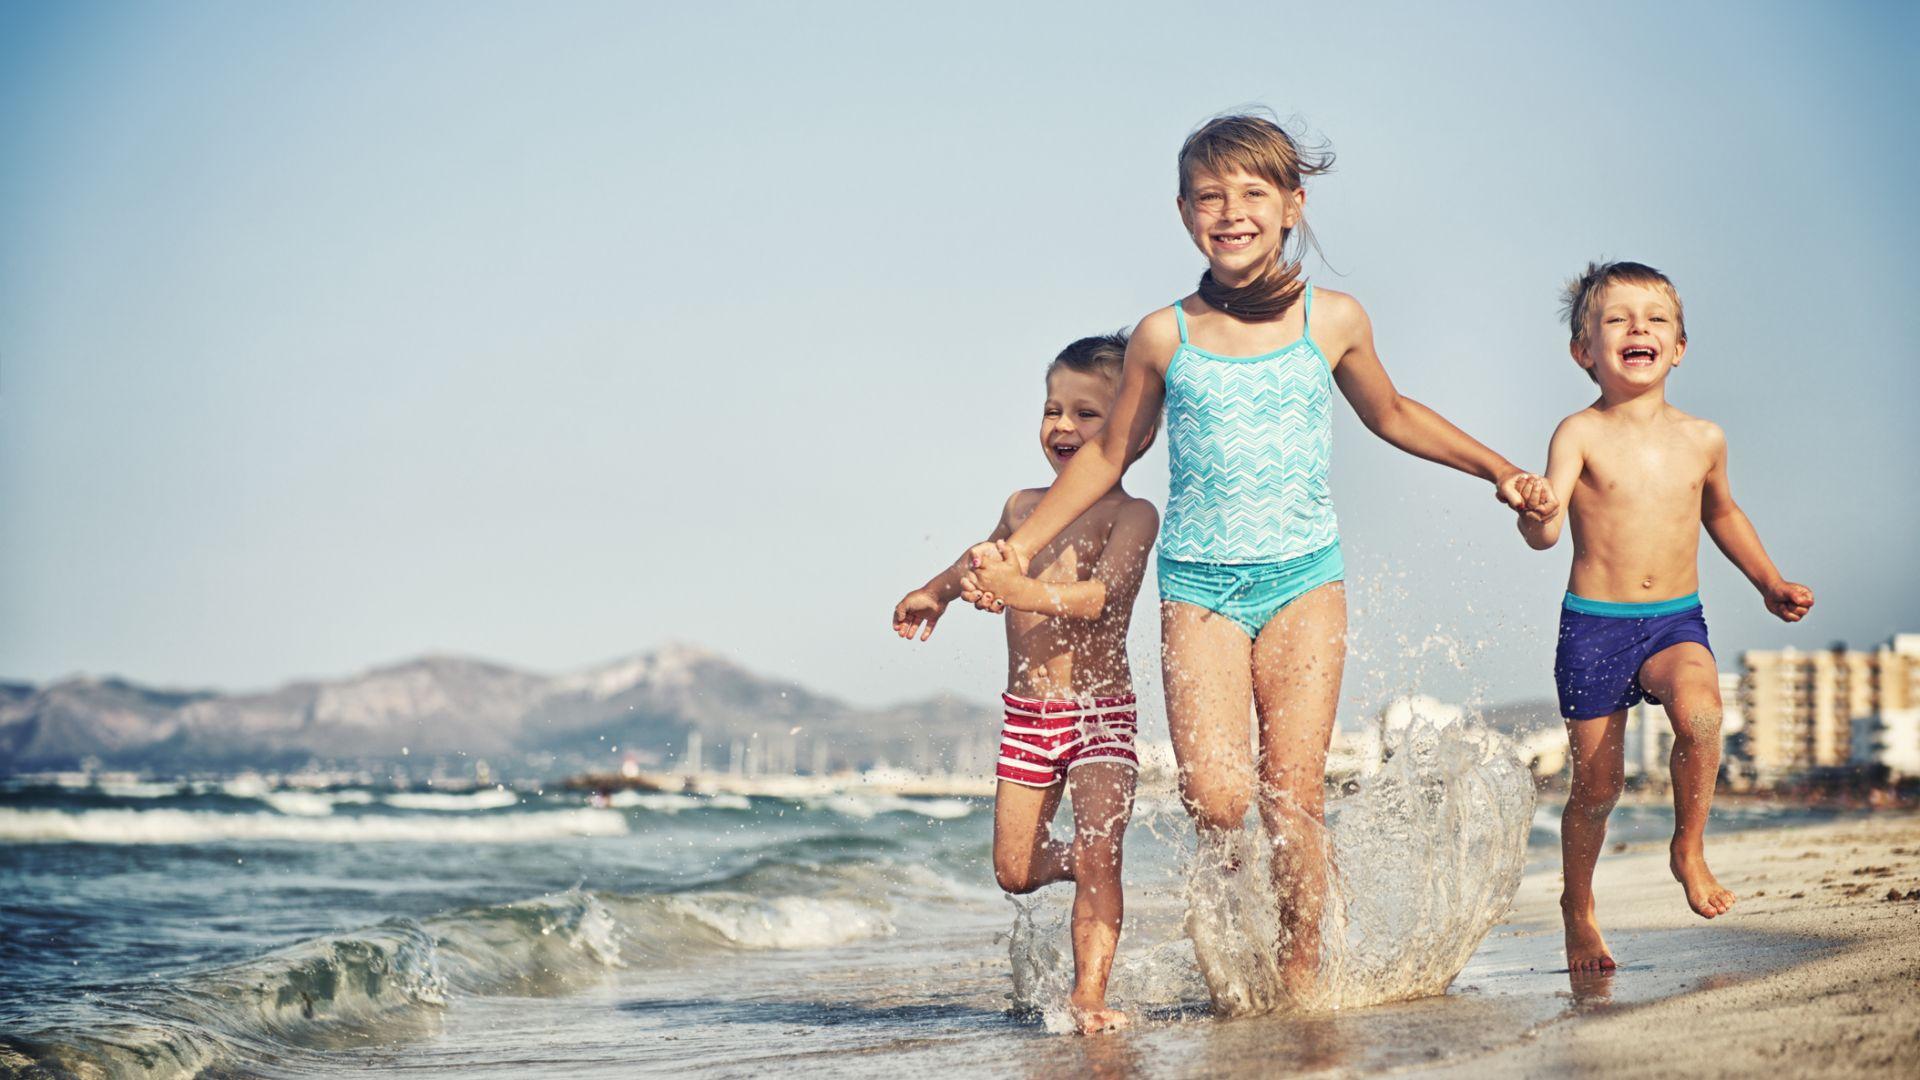 КЗП алармира за опасни бански за деца